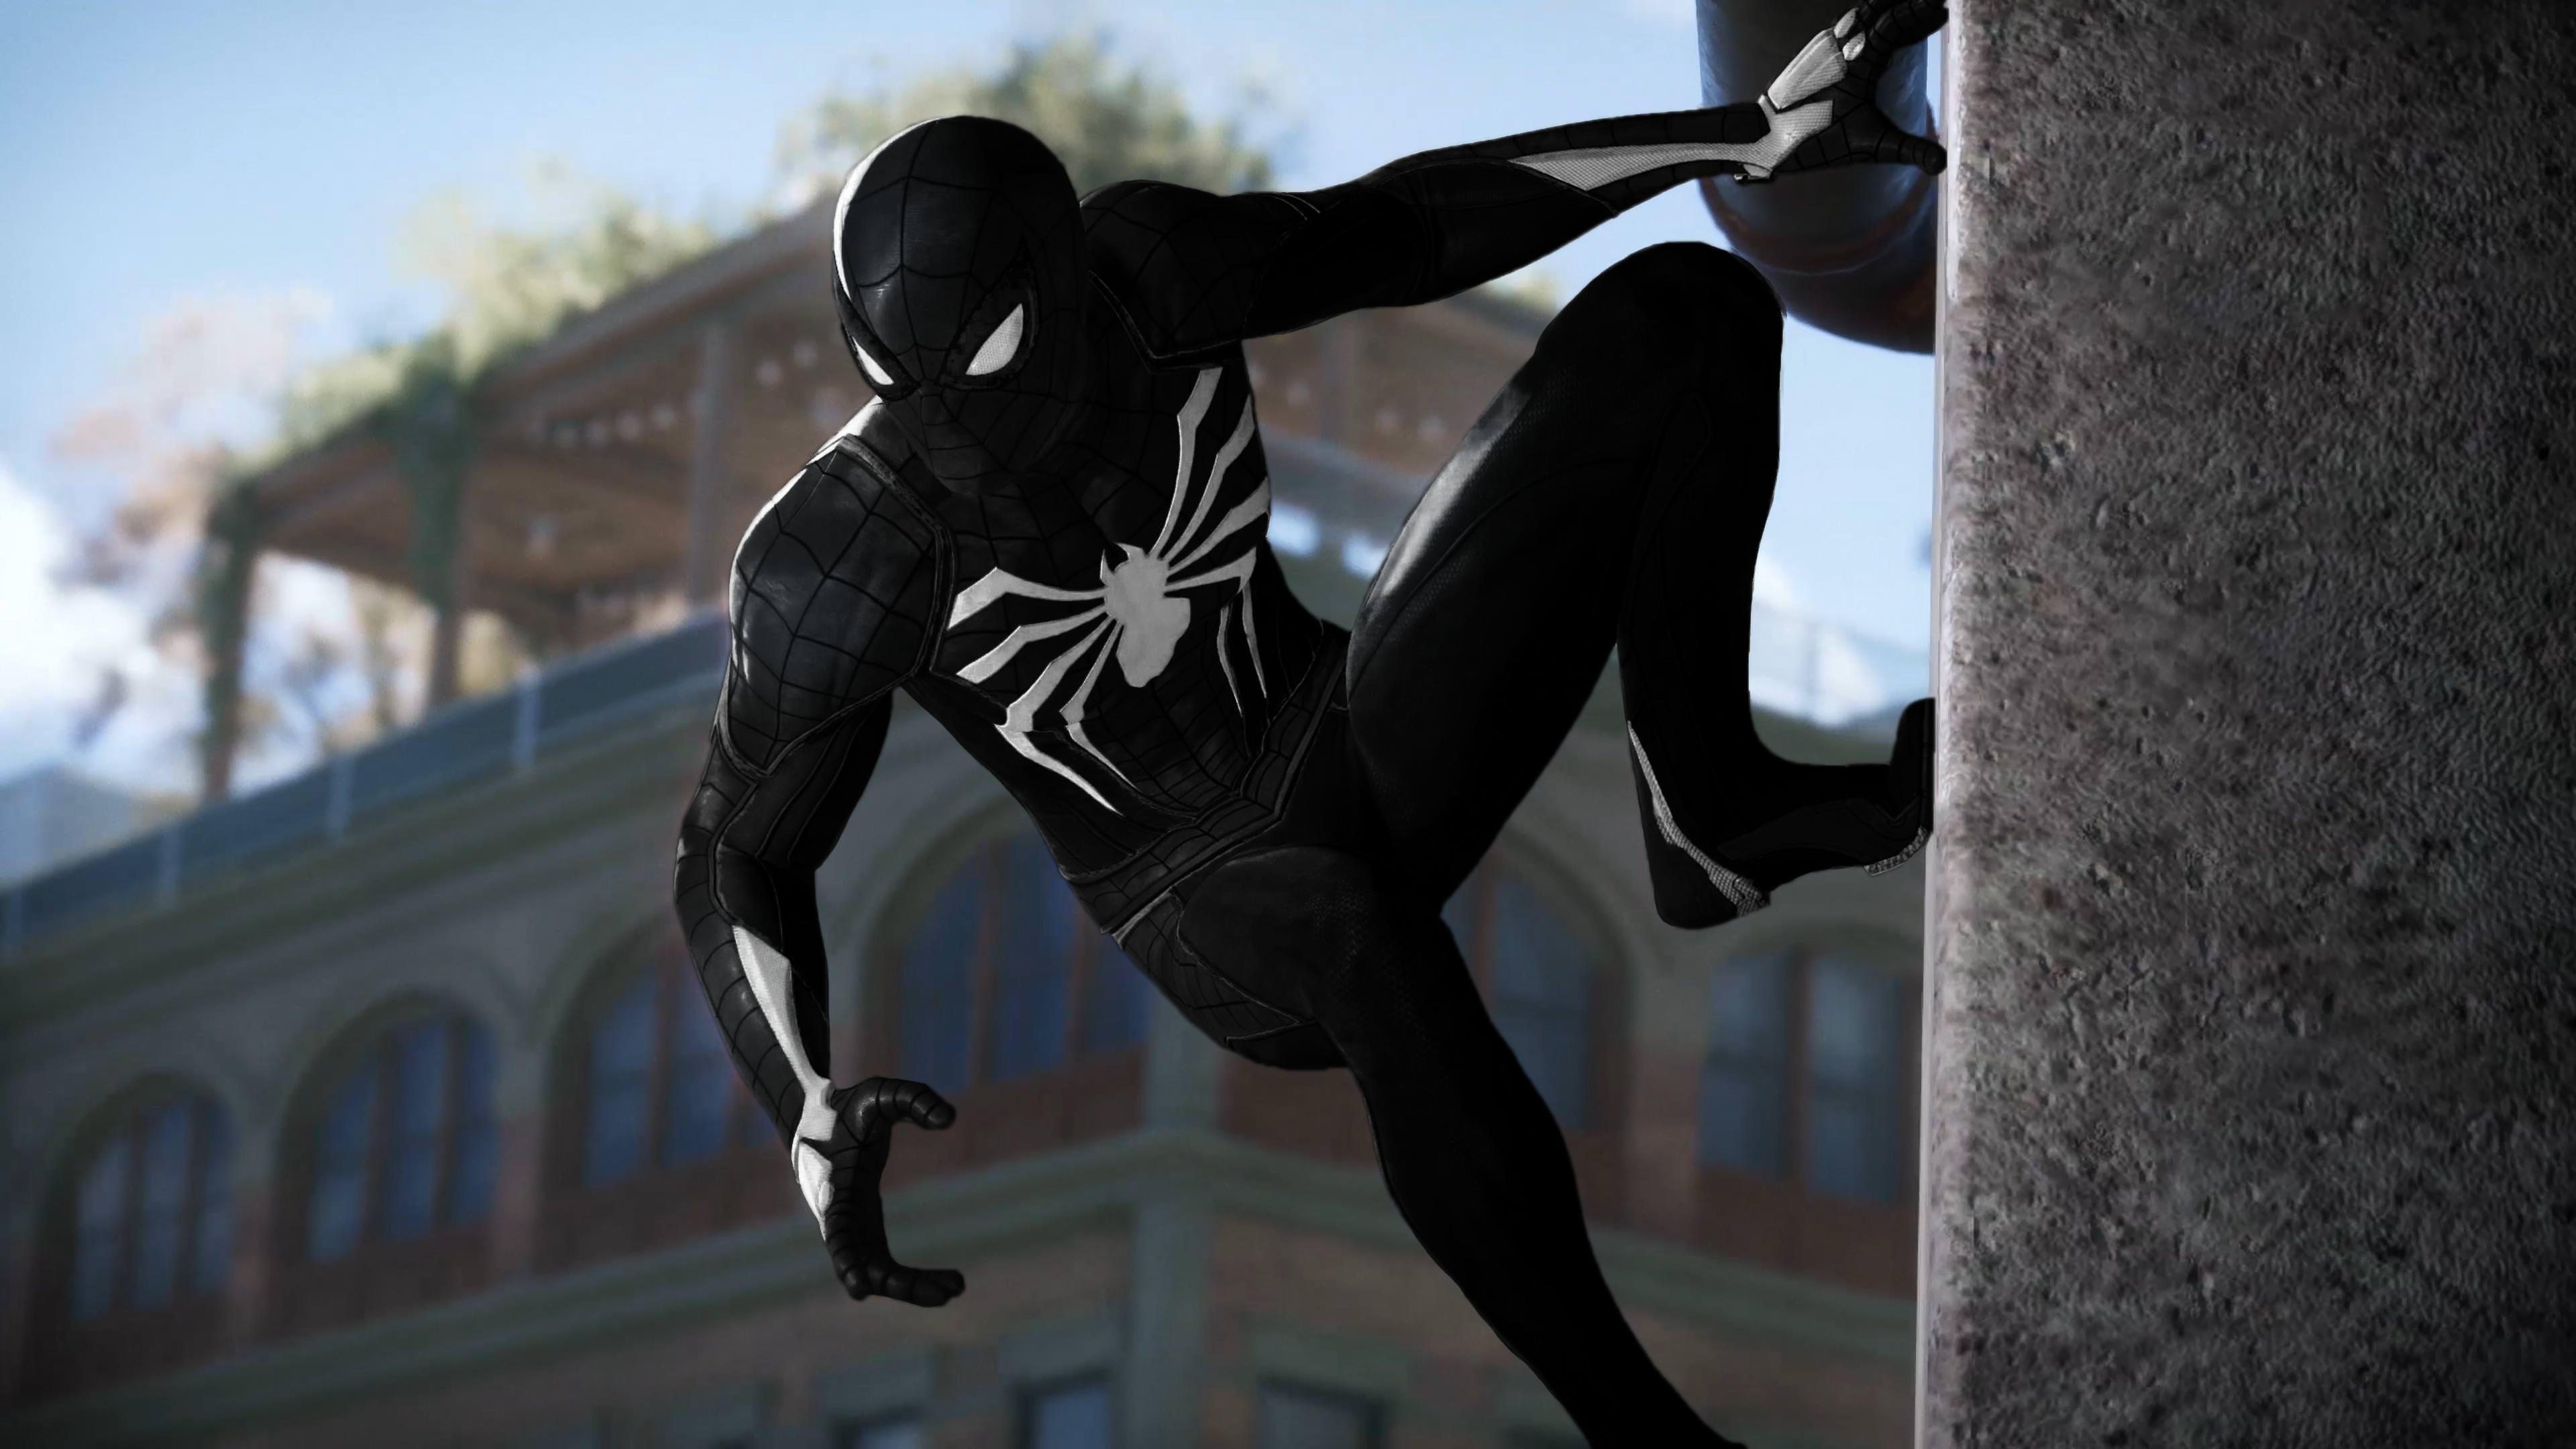 Black Spiderman 4K, Hd Superheroes, 4K Wallpapers, Images -5924